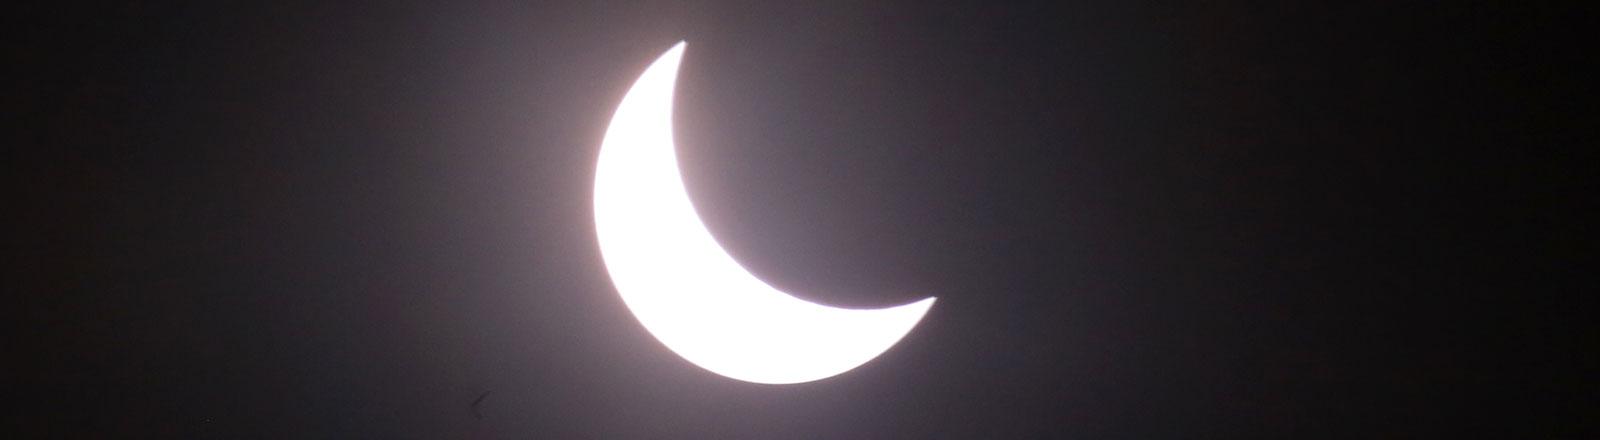 Mond vor der Sonne